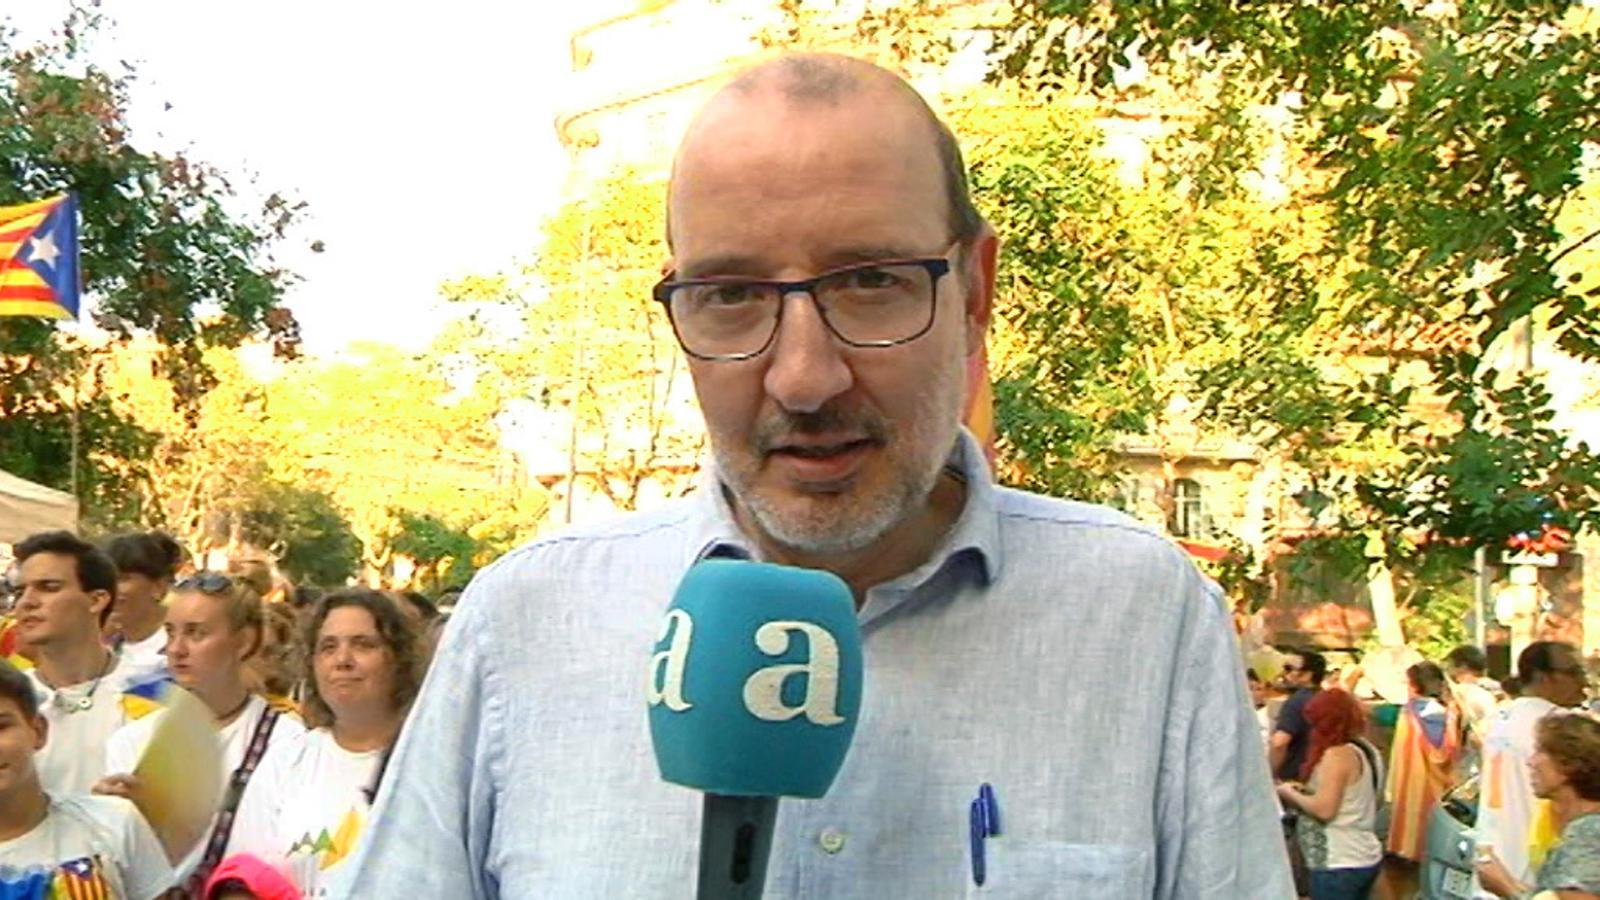 """L'anàlisi d'Antoni Bassas: """"Sr. Rajoy: tractarà tota aquesta gent com si fossin delinqüents?"""""""